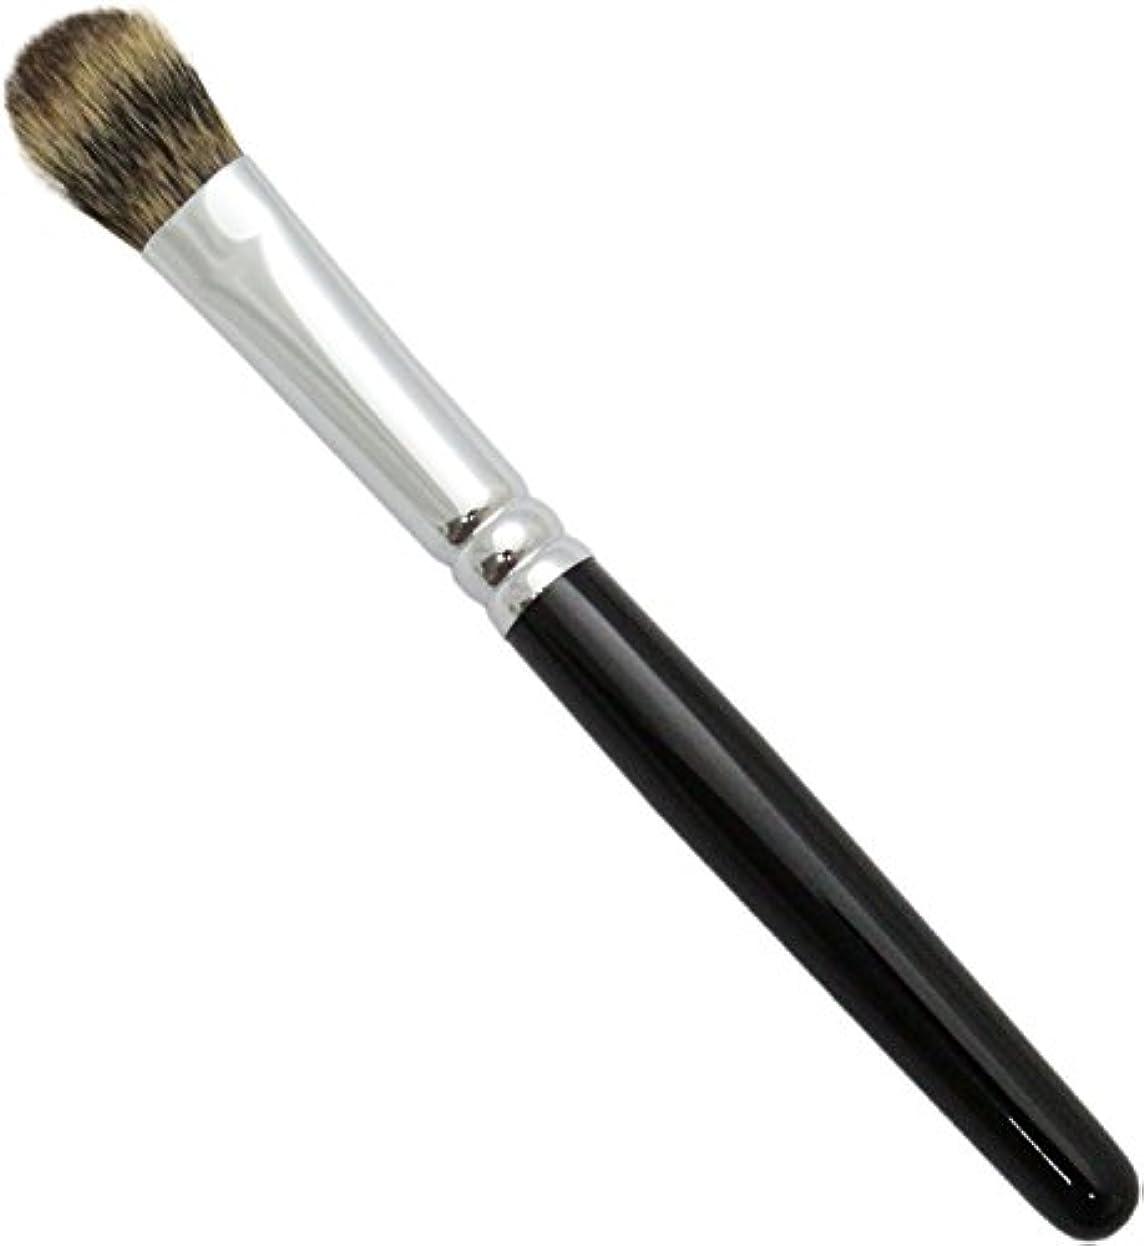 苦しめる次気味の悪い熊野筆 メイクブラシ SRシリーズ アイカラーブラシ 松リス毛